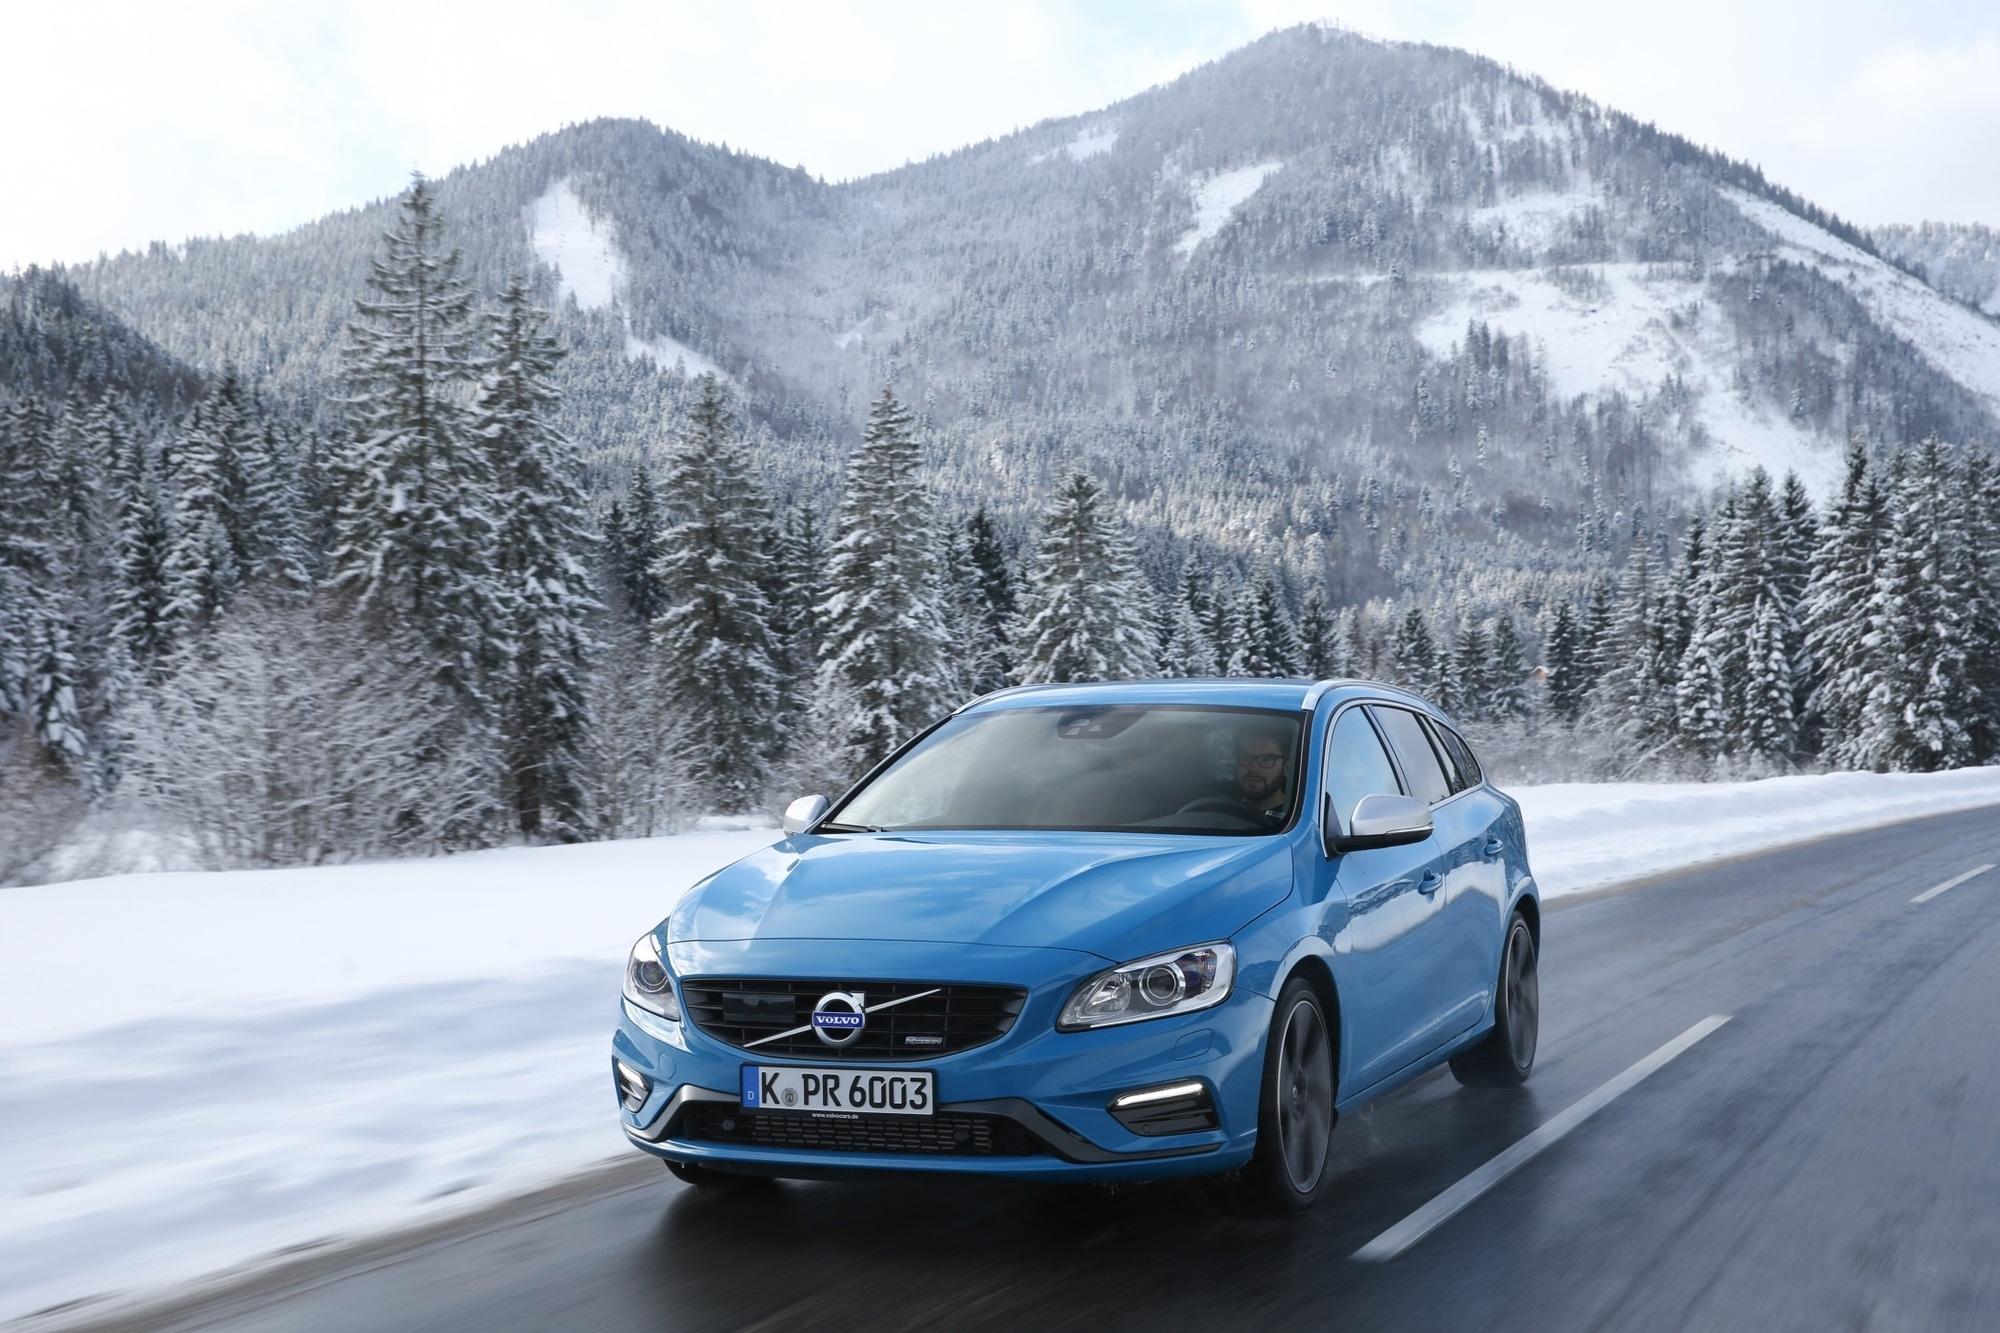 Fahrbericht: Neuer Volvo-Motor für die 60er-Familie - (K)eine Frage der Philosophie